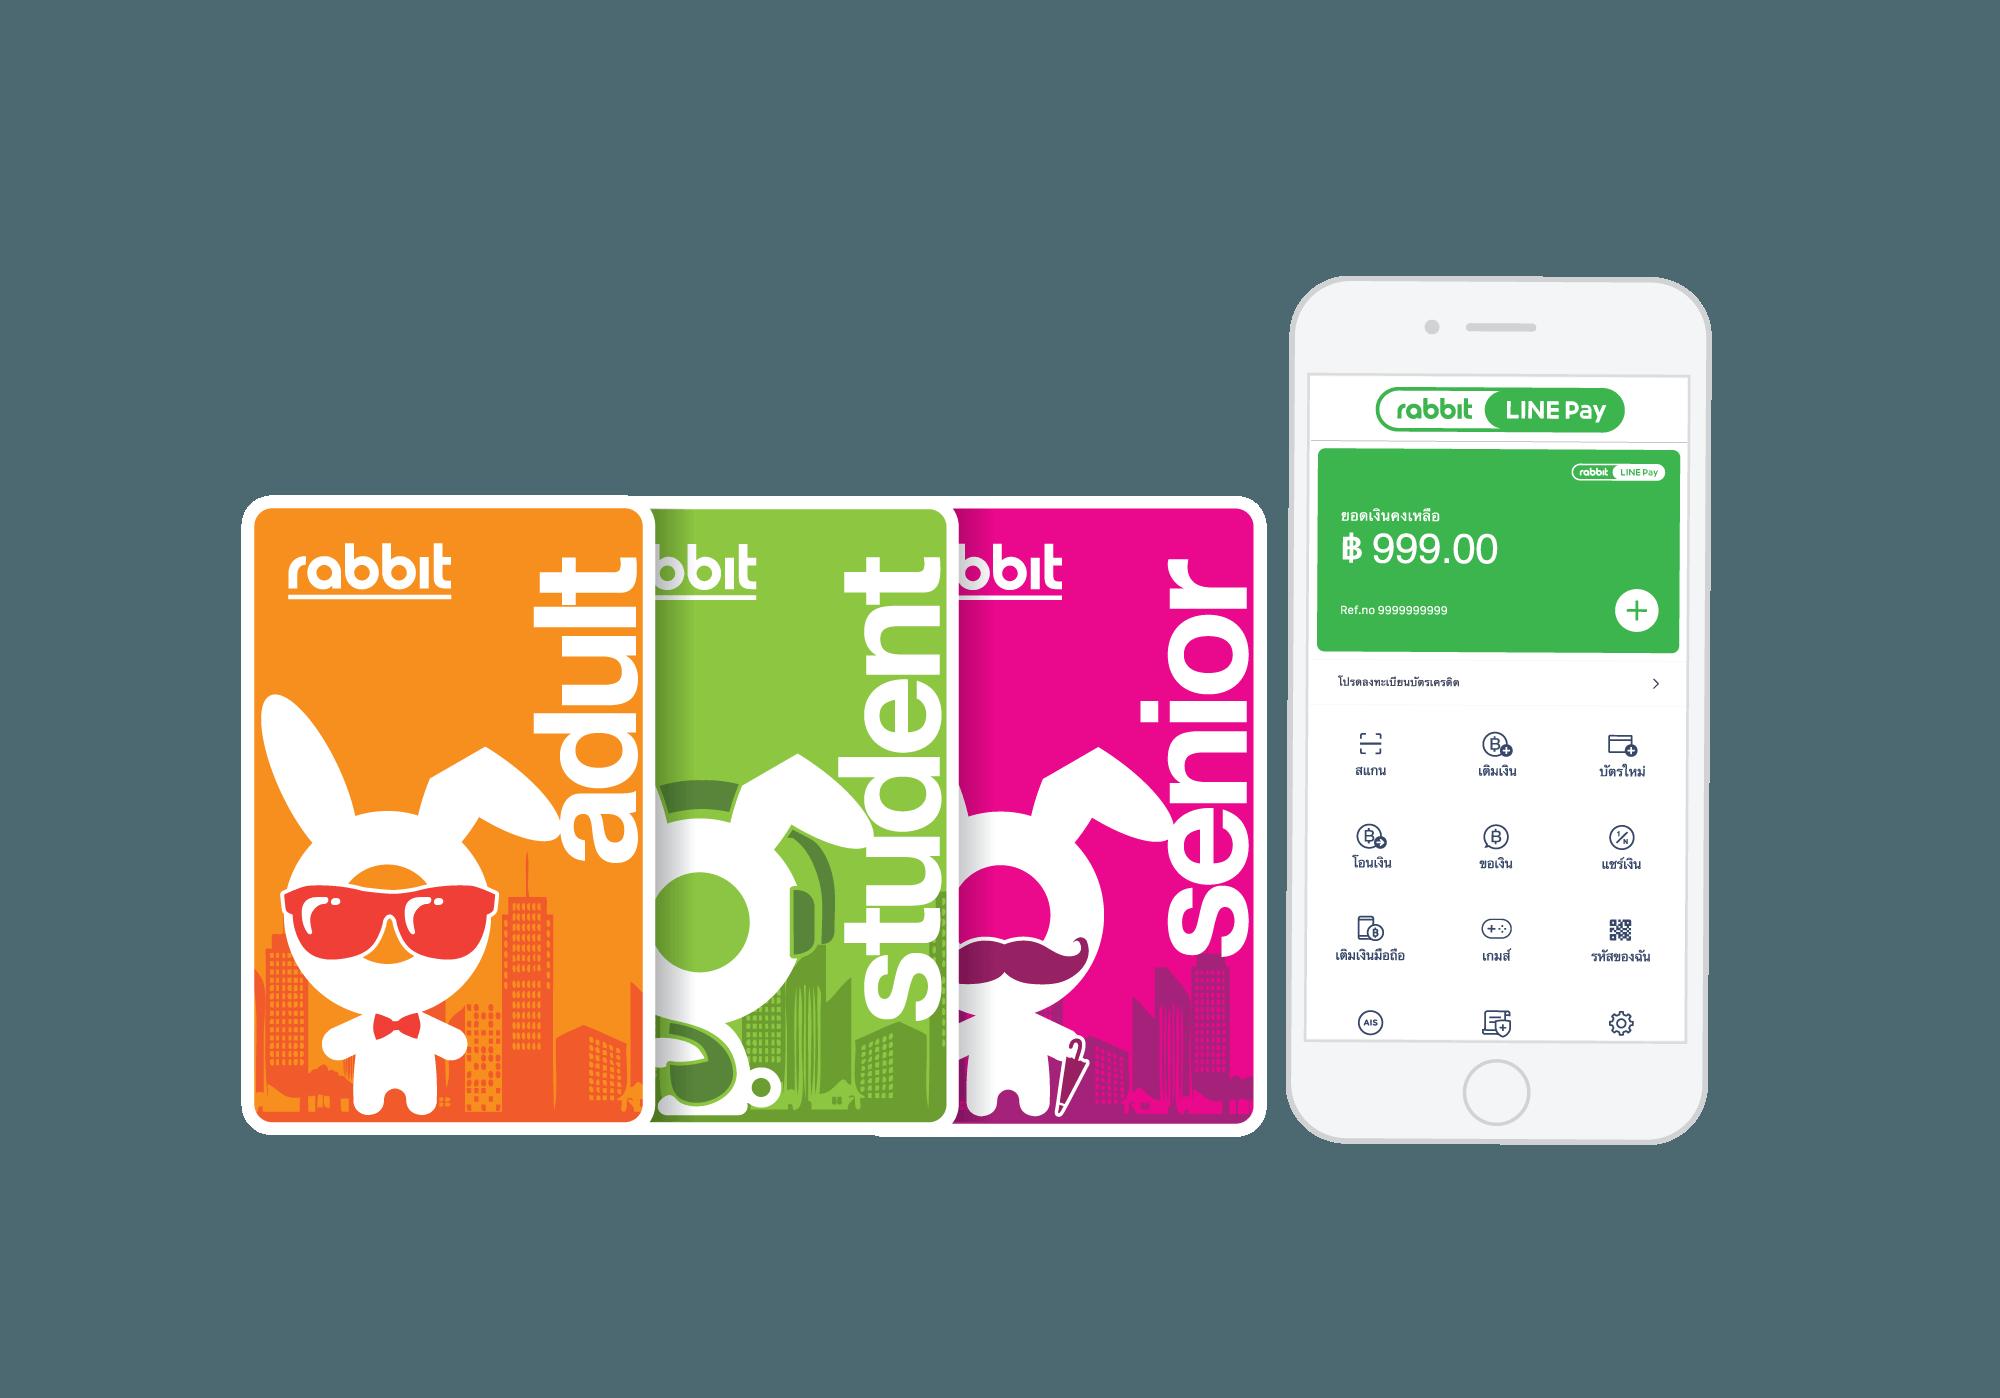 แรบบิท กรุ๊ป จับมือ สหพัฒน์ ส่งบัตรแรบบิท และแรบบิท ไลน์ เพย์ ให้บริการชำระเงินในงานสหกรุ๊ปแฟร์